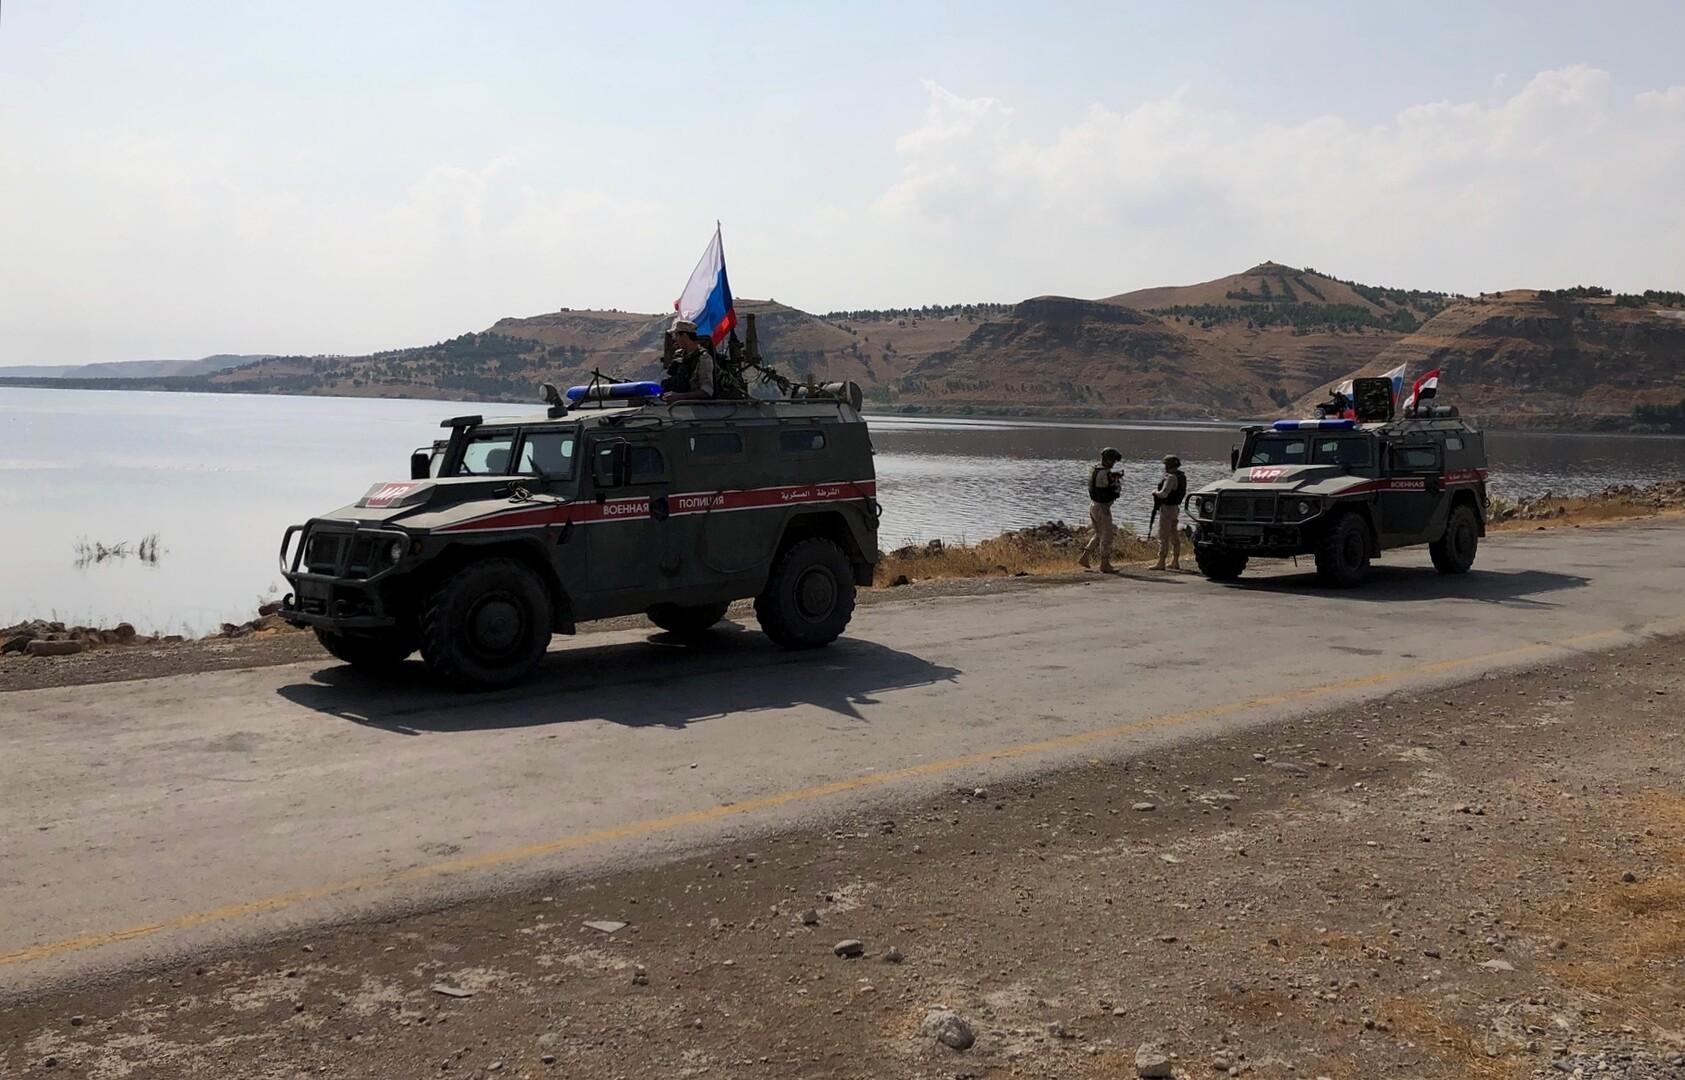 عناصر من الشرطة العسكرية الروسية على شاطئ نهر الفرات في محافظة حلب السورية